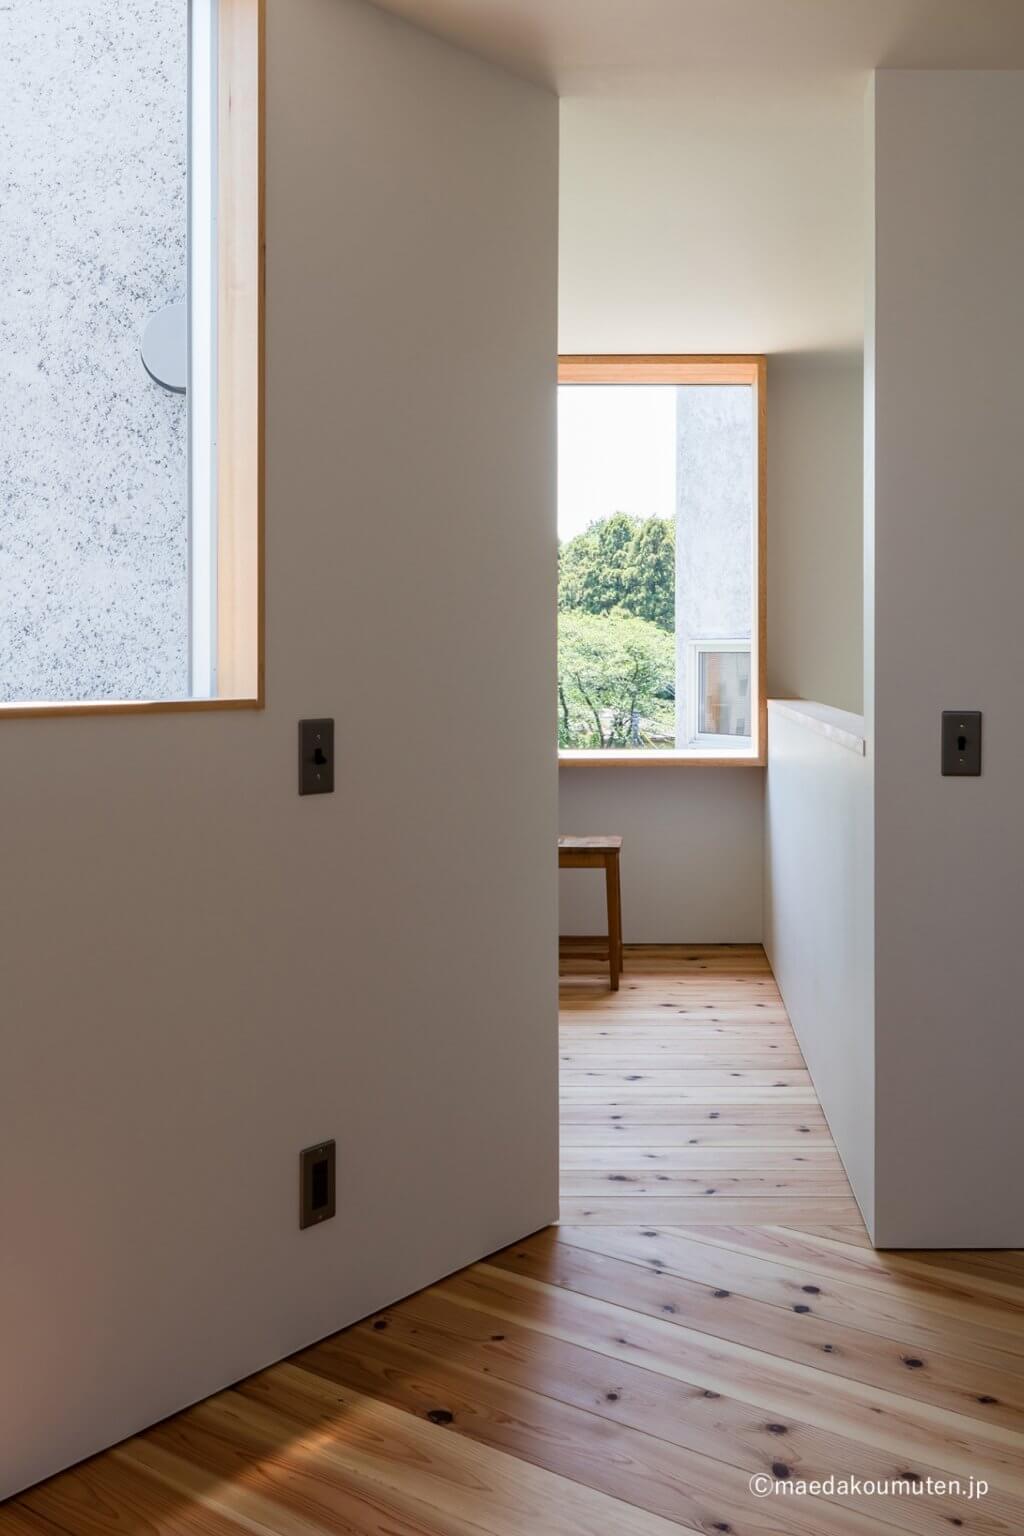 神奈川県、工務店、注文住宅、デザイン住宅、建築家、谷戸の家_20